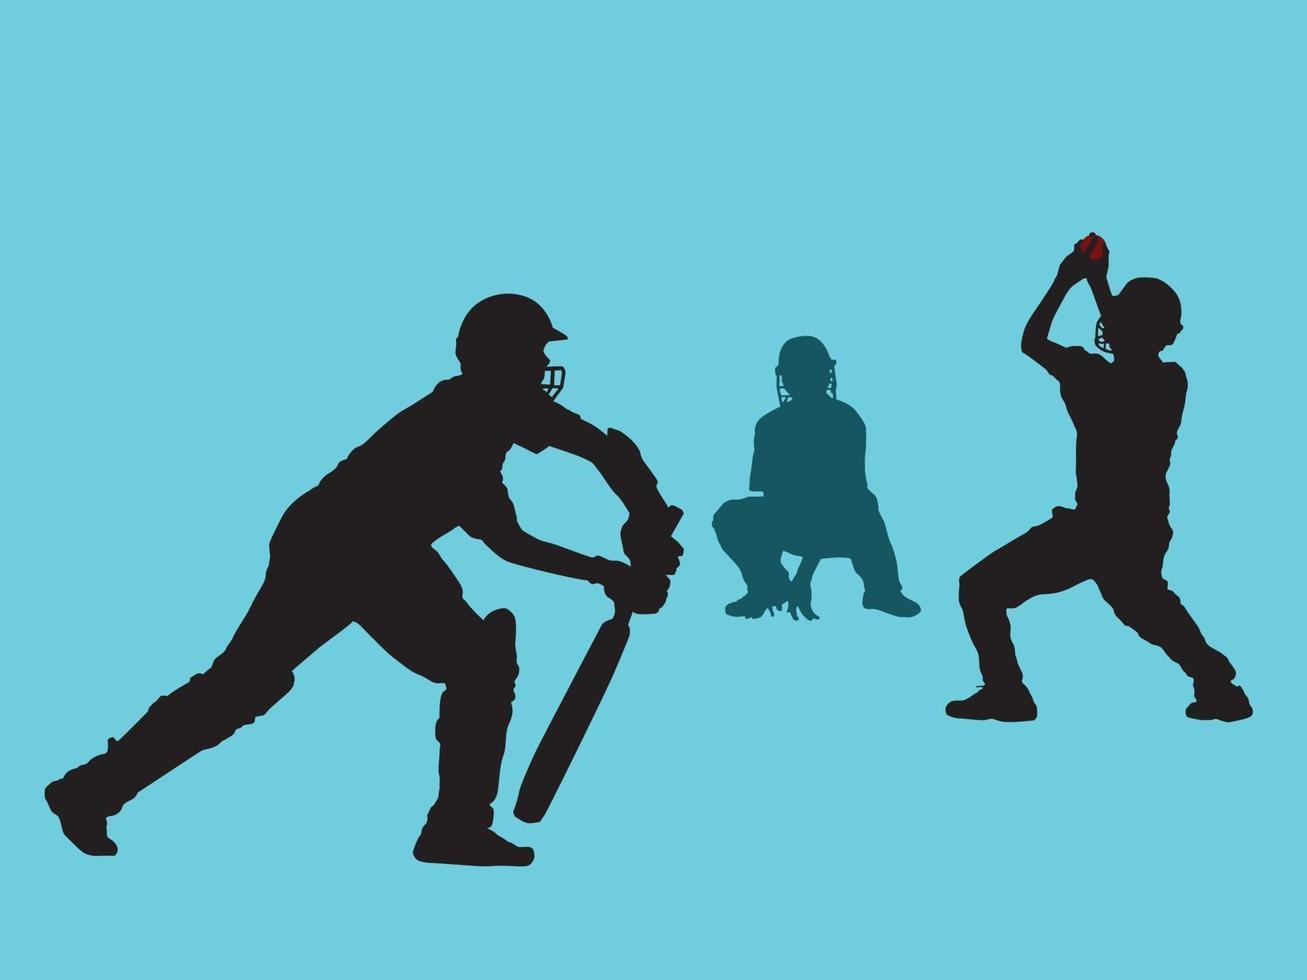 Cricket-Spieler beim Spielen der Aktion auf dem Grafikvektor der Illustration vektor